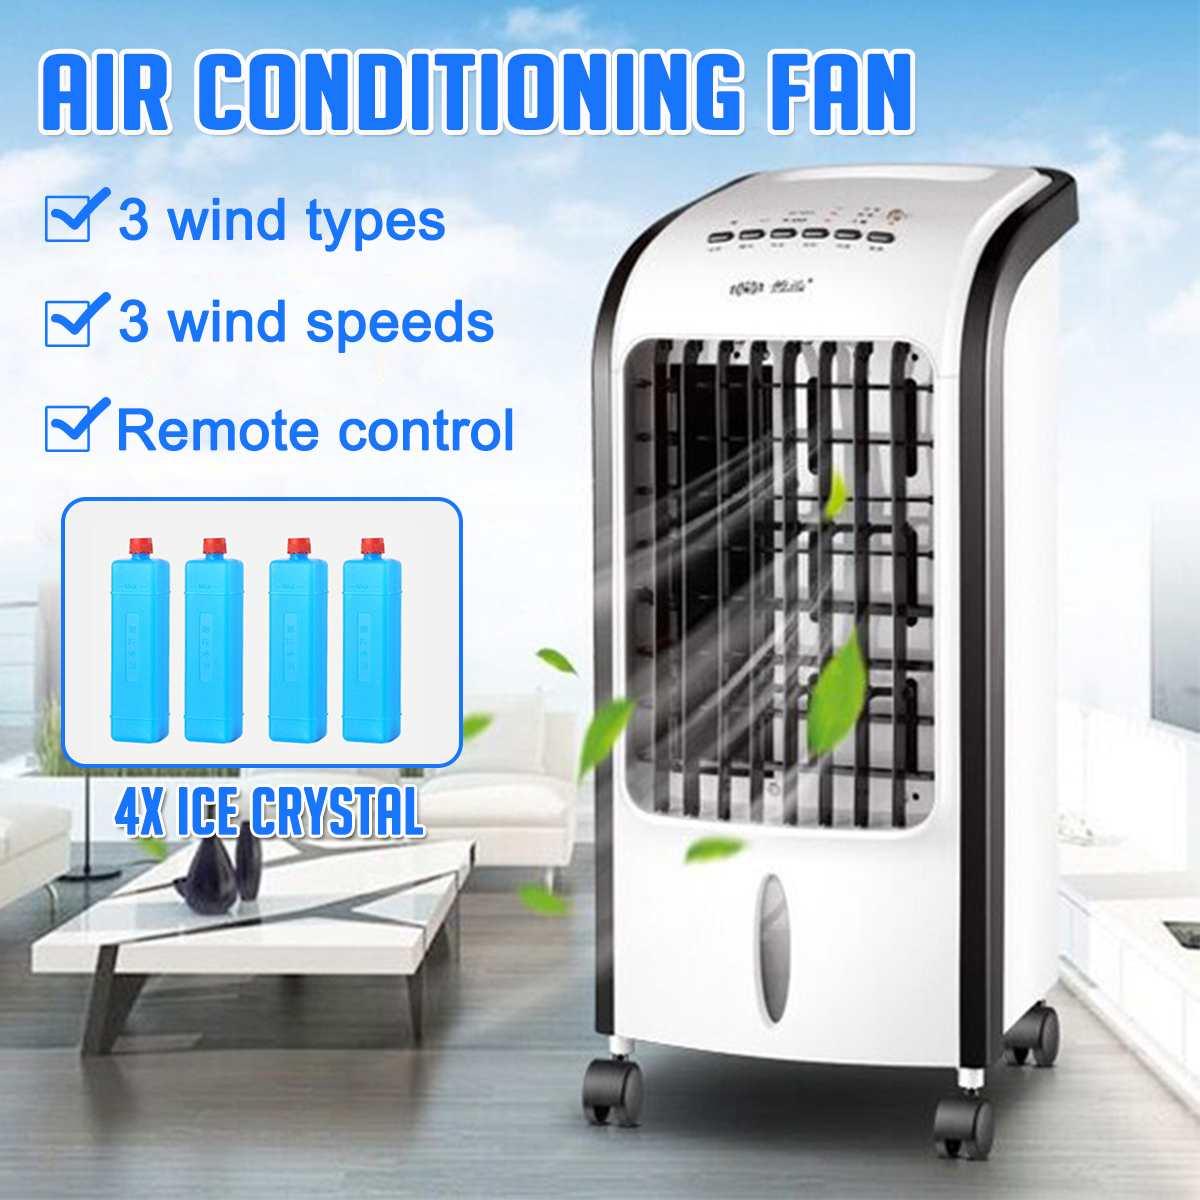 مكيف هواء محمول ، مروحة ، مرطب ، تبريد ، مكيف هواء ، مروحة ، مرطب ، 220 فولت